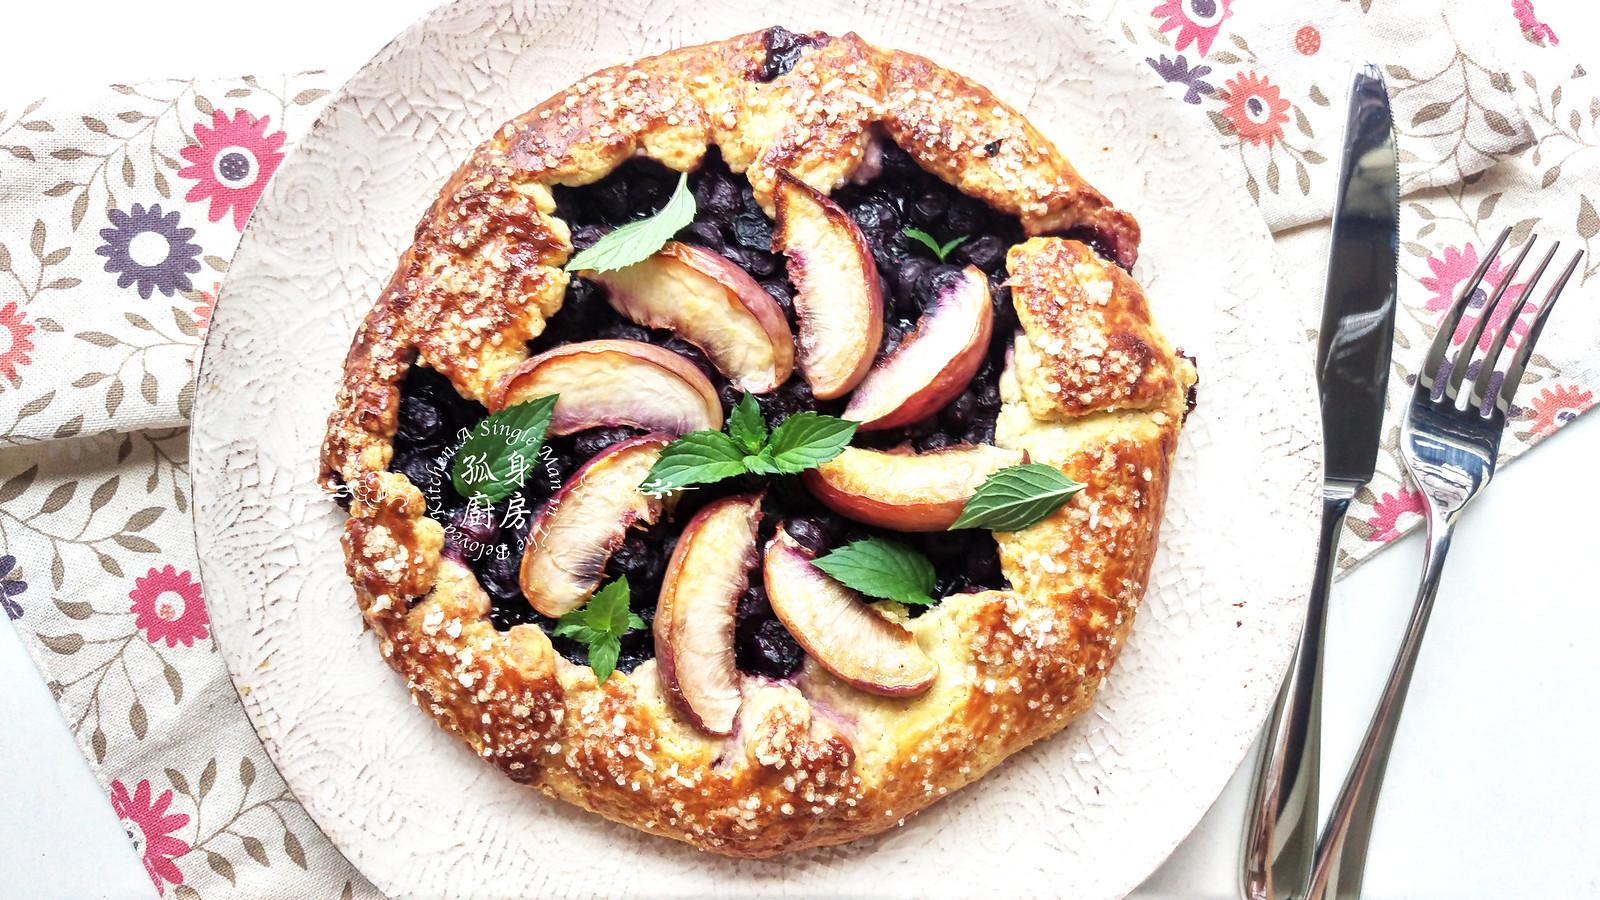 孤身廚房-藍莓甜桃法式烘餅Blueberry-Nectarin Galette29